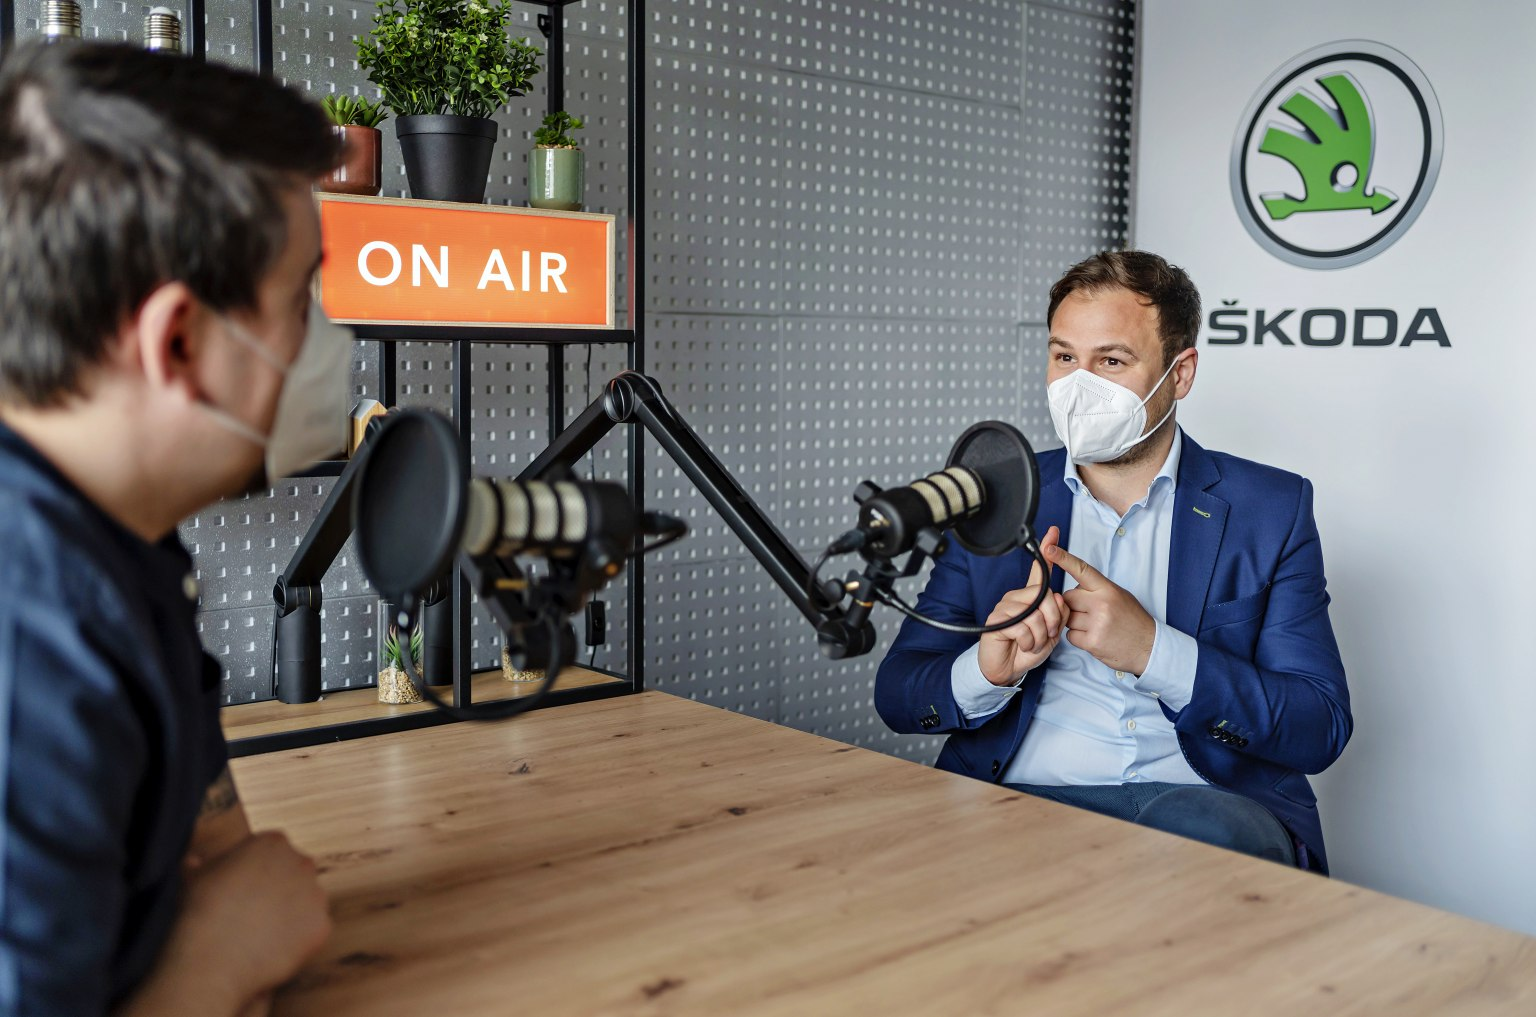 210505_SKODA-Podcast.JPG-1536x1017